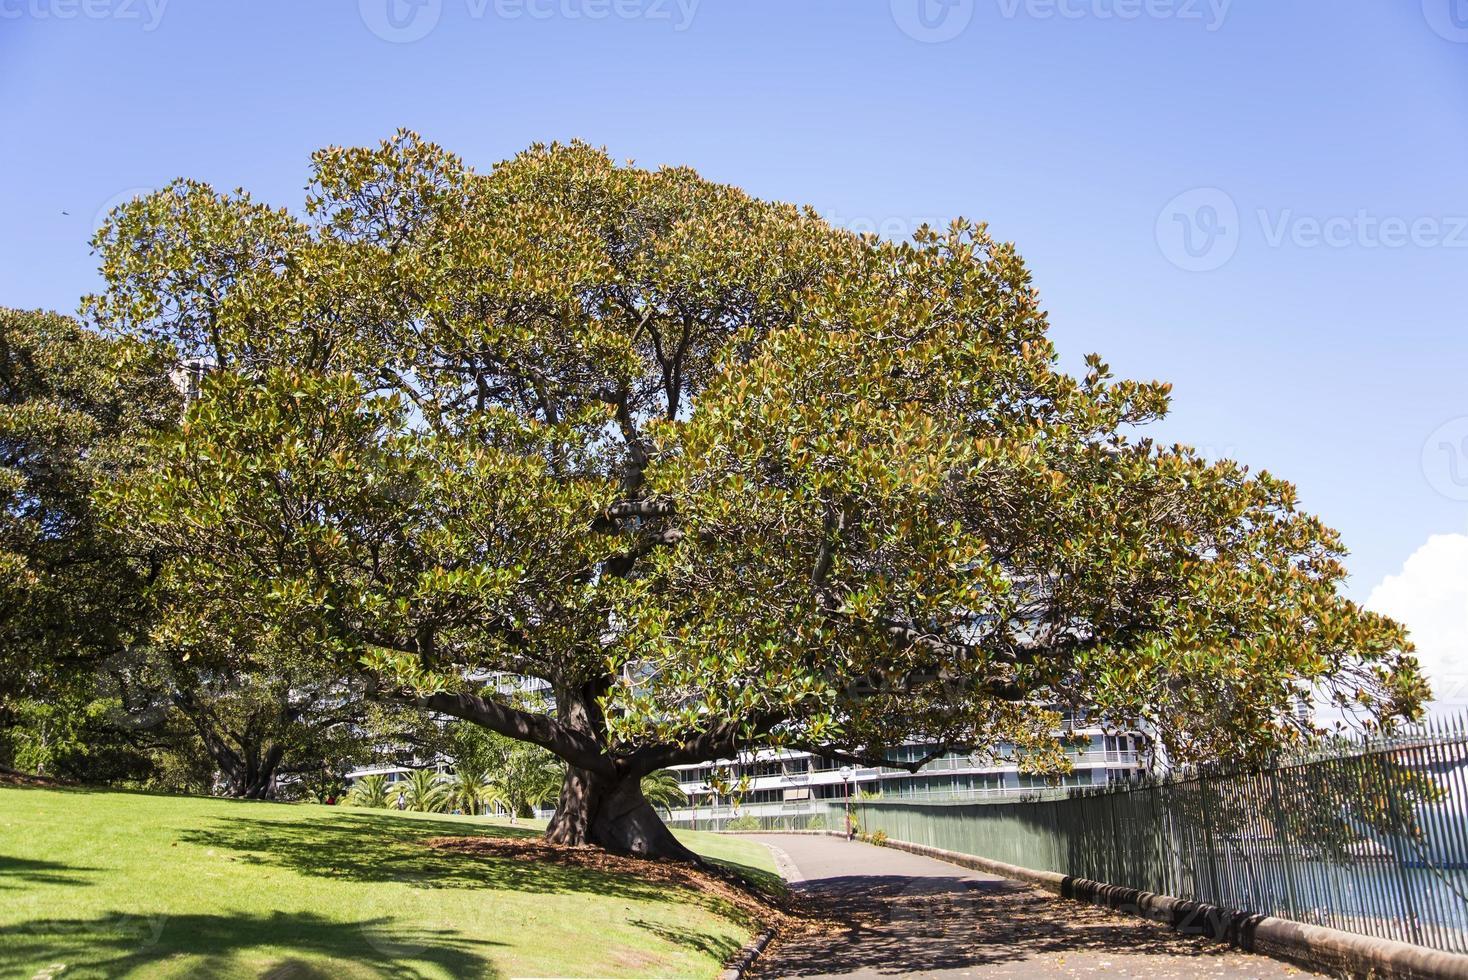 Moreton Bay Fig sur une passerelle à Sydney, Australie photo